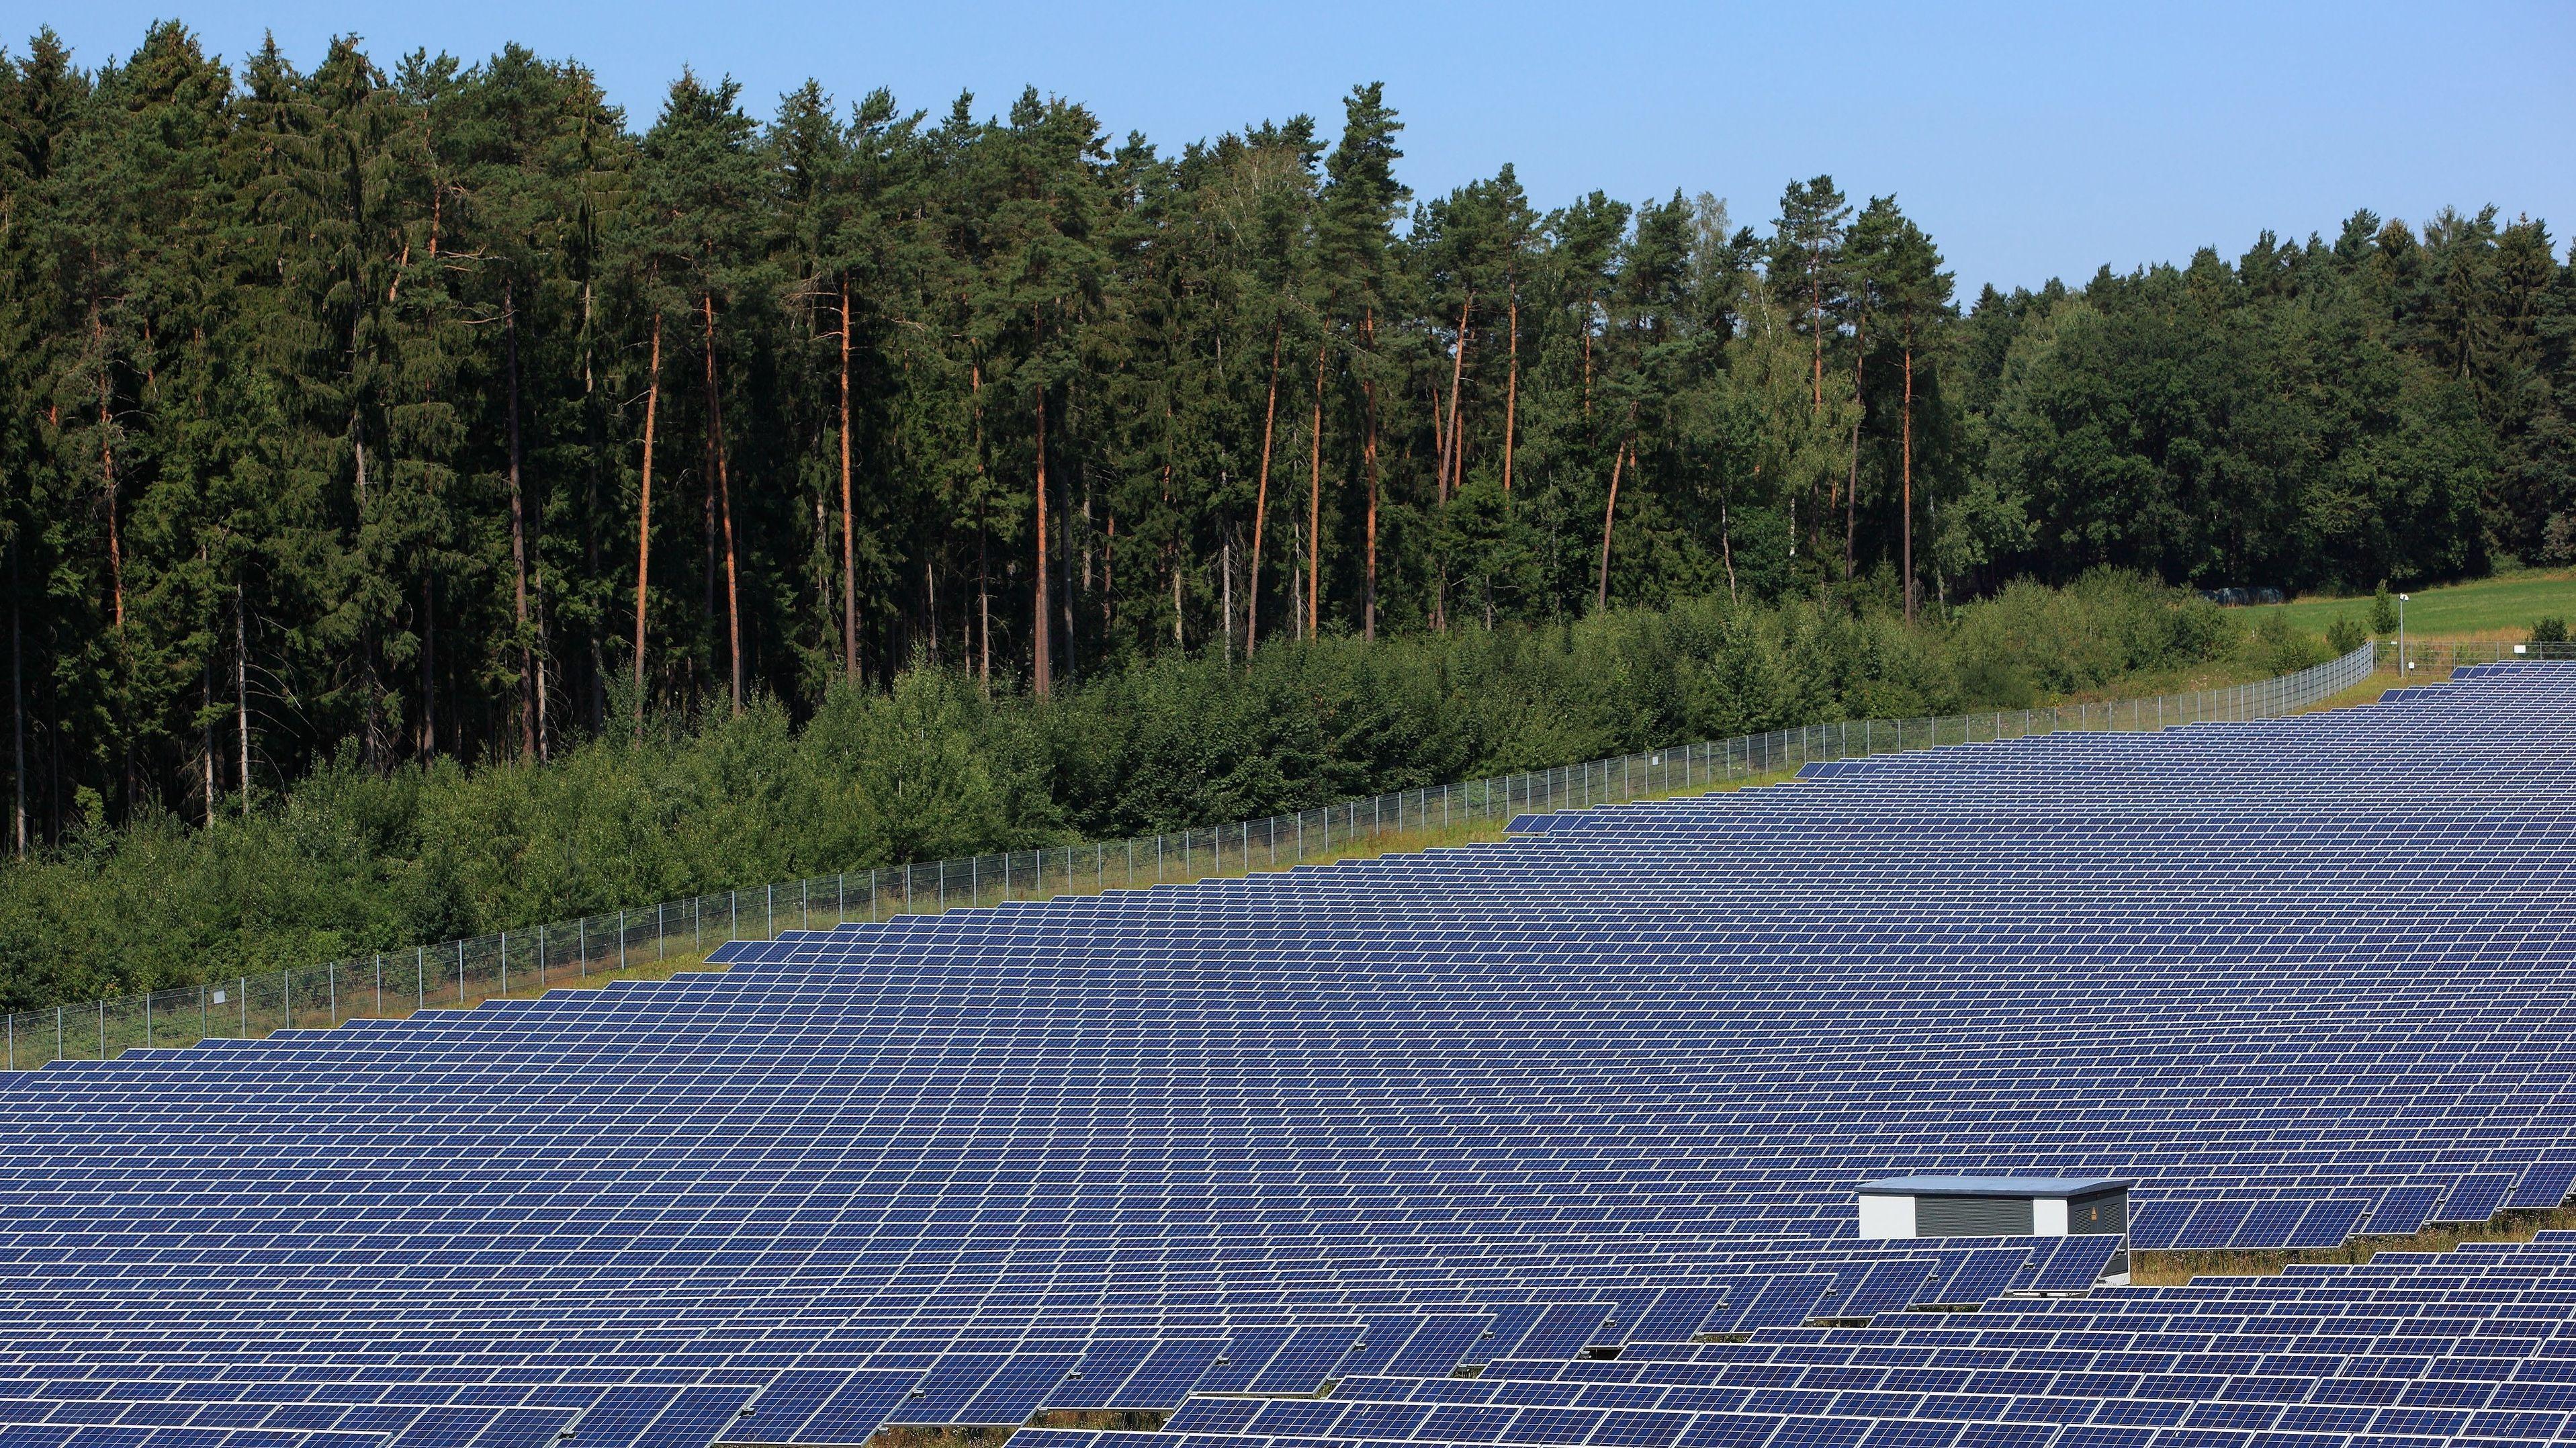 Solarfeld im bayerischen Fesselsdorf (Oberfranken)